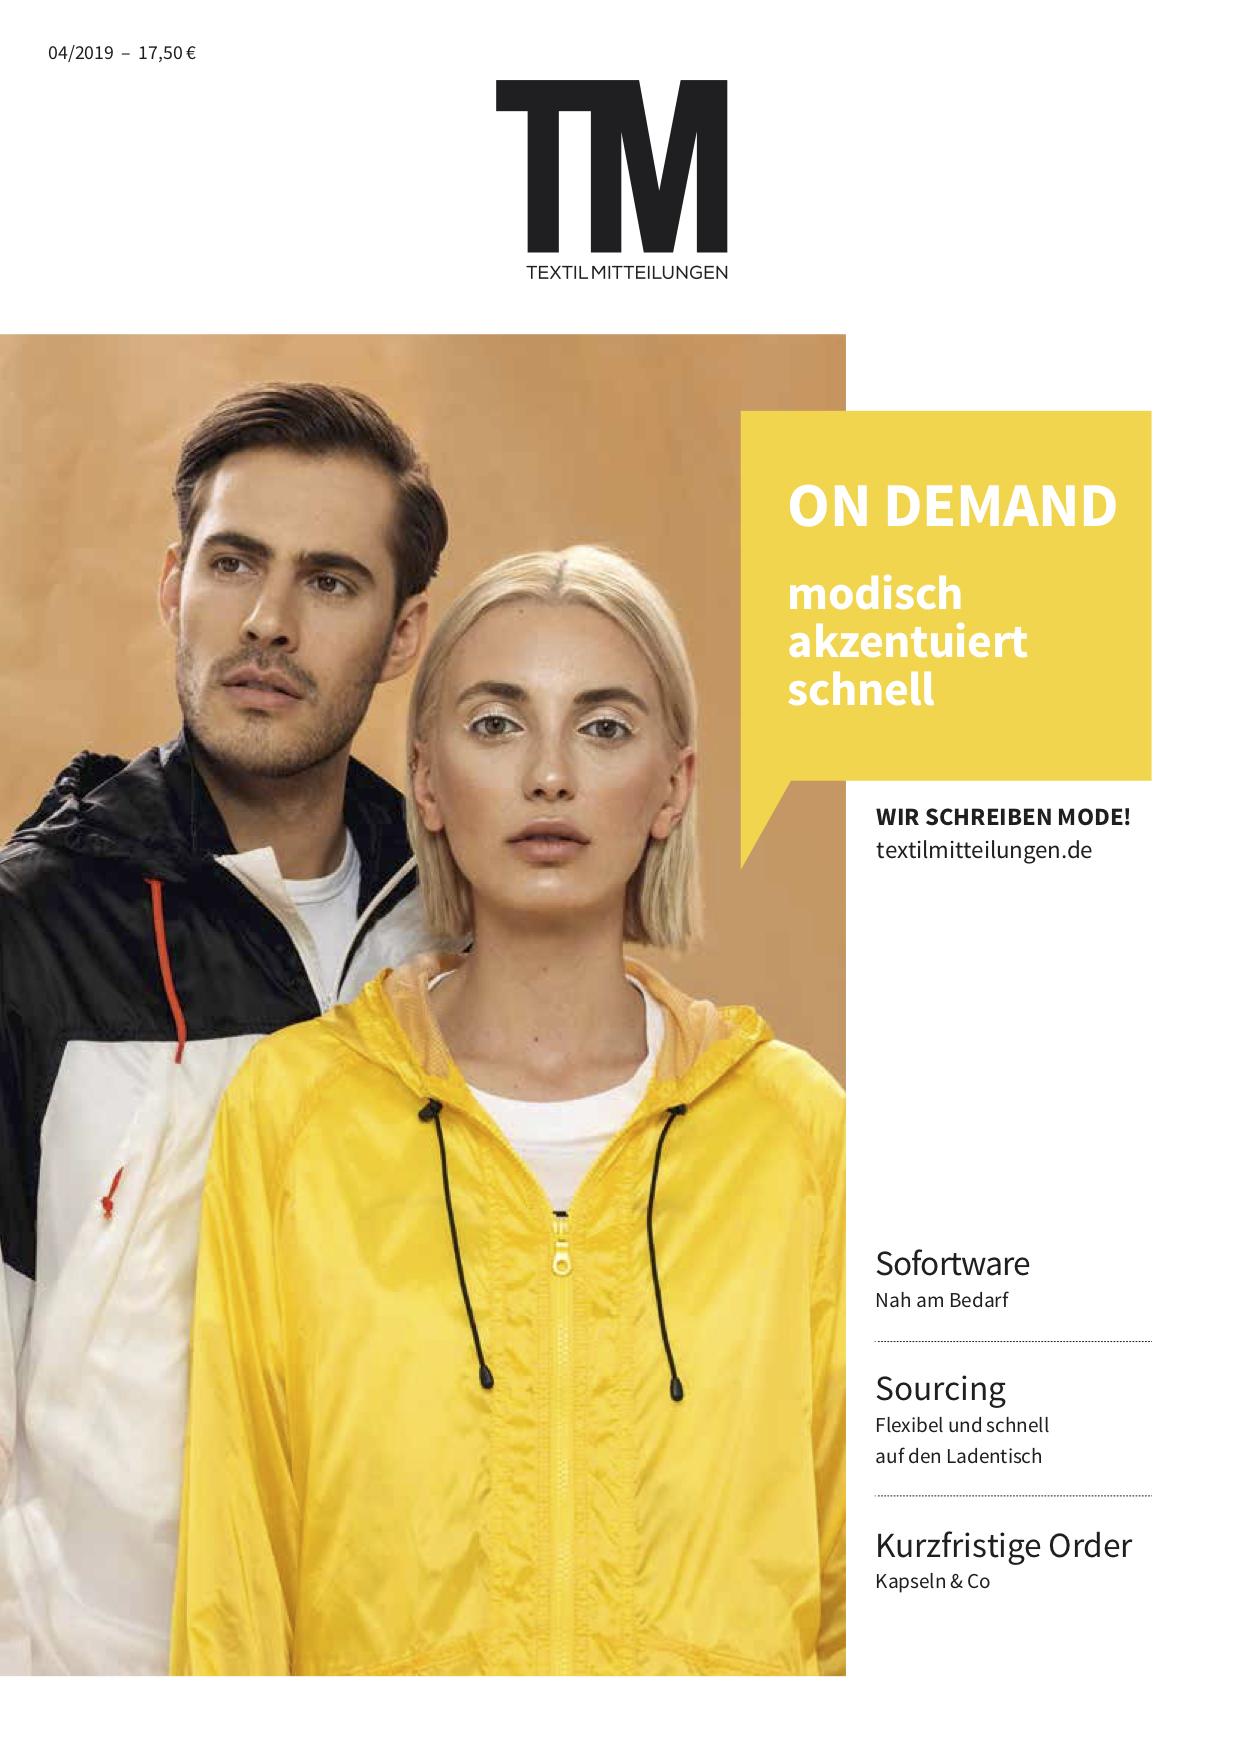 TextilMitteilung, OnDemand